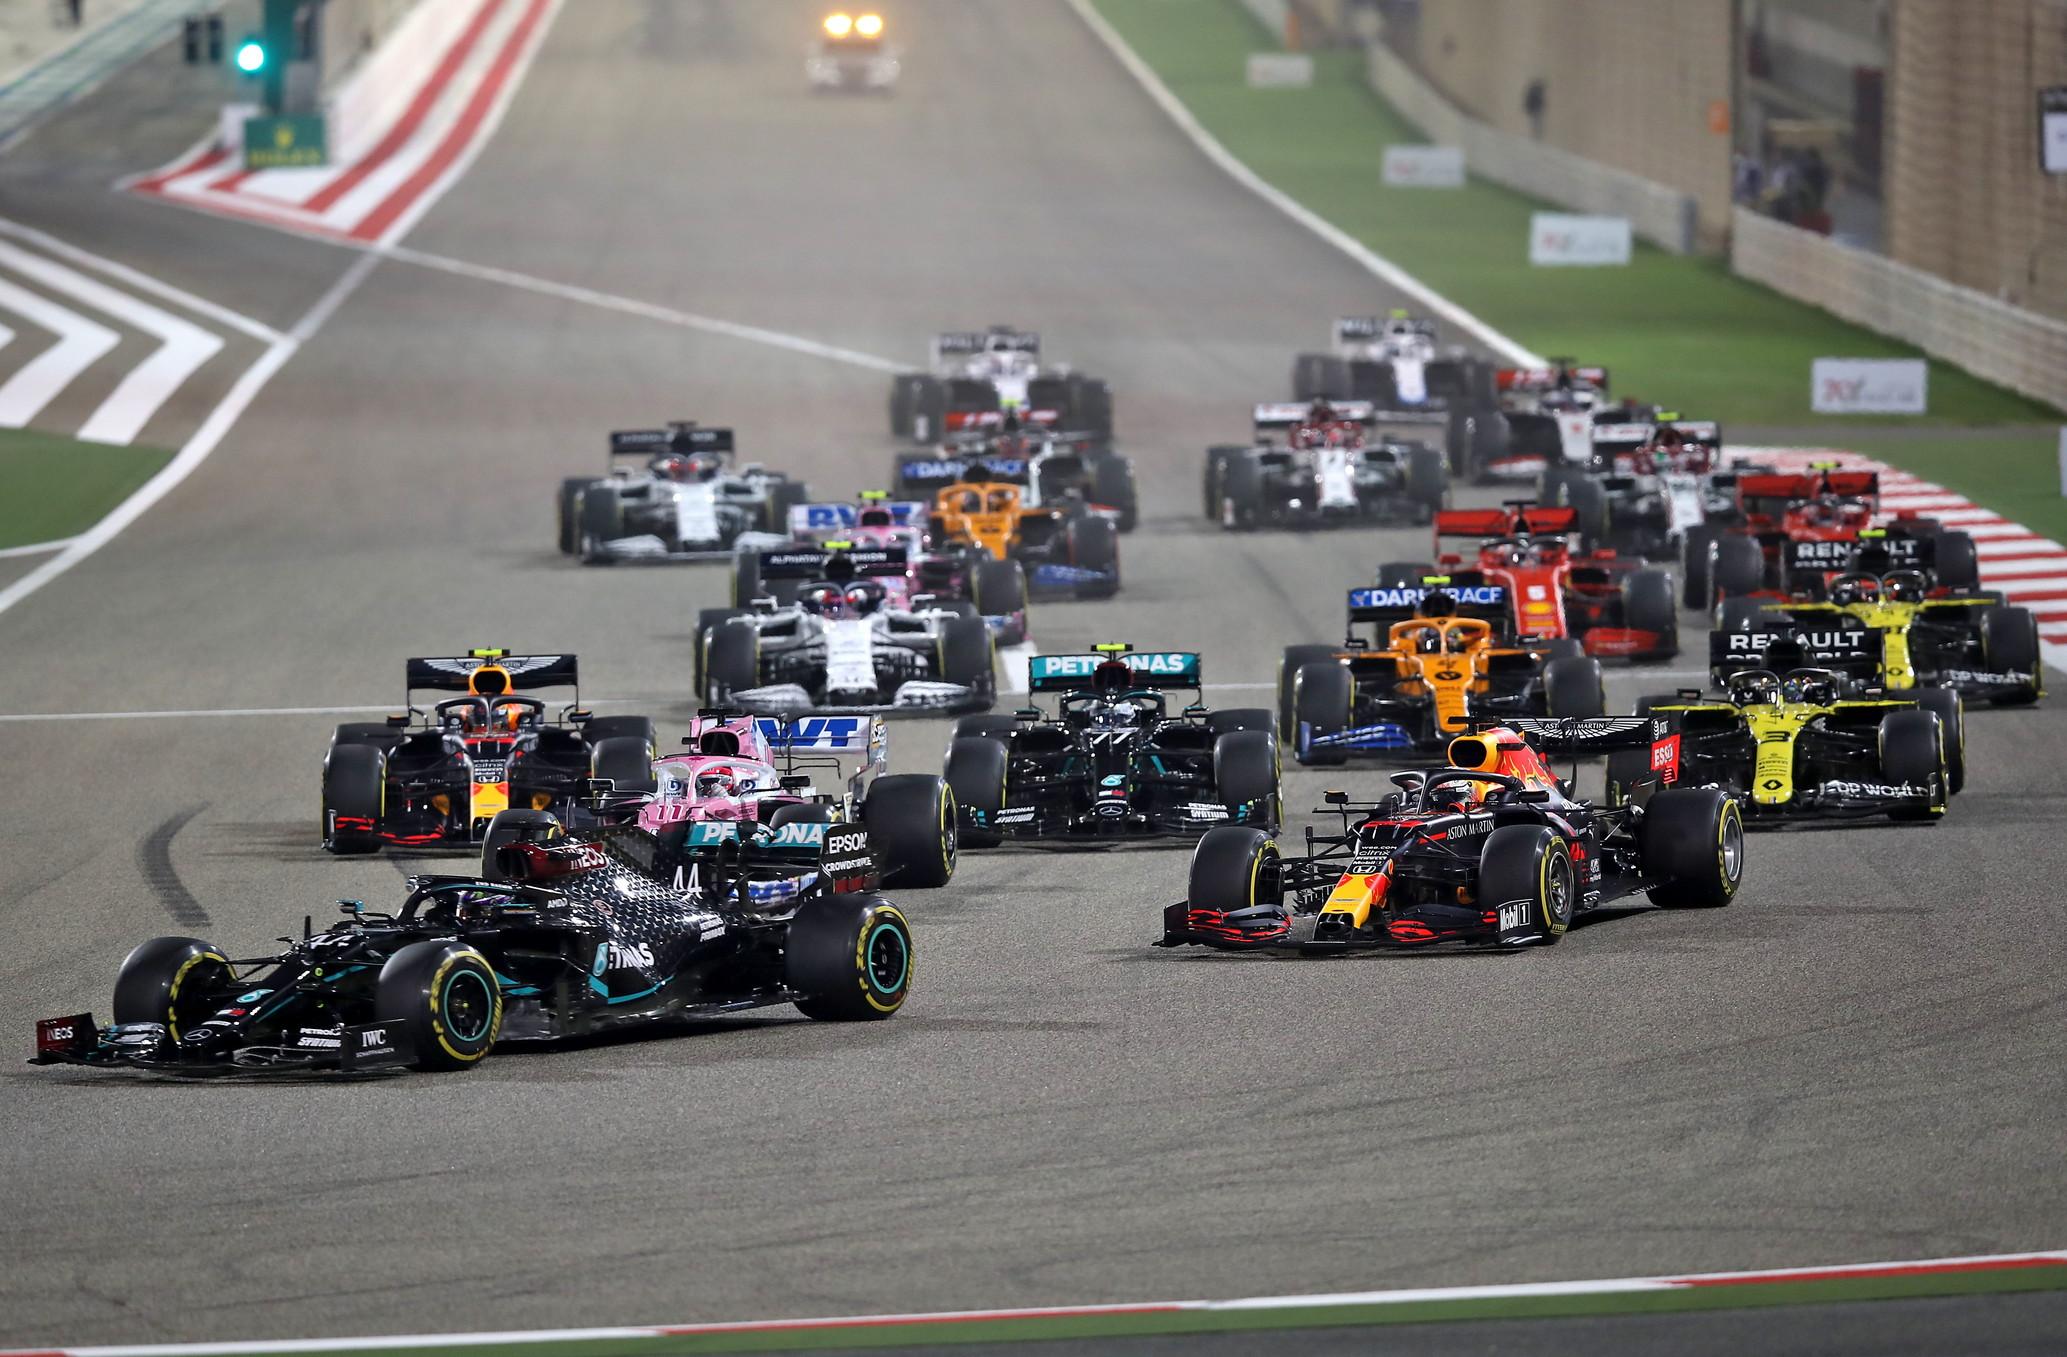 Hamilton vince il GP del Bahrain che verr&agrave; ricordato per gli incidenti mozzafiato di Grosjean e Stroll<br /><br />